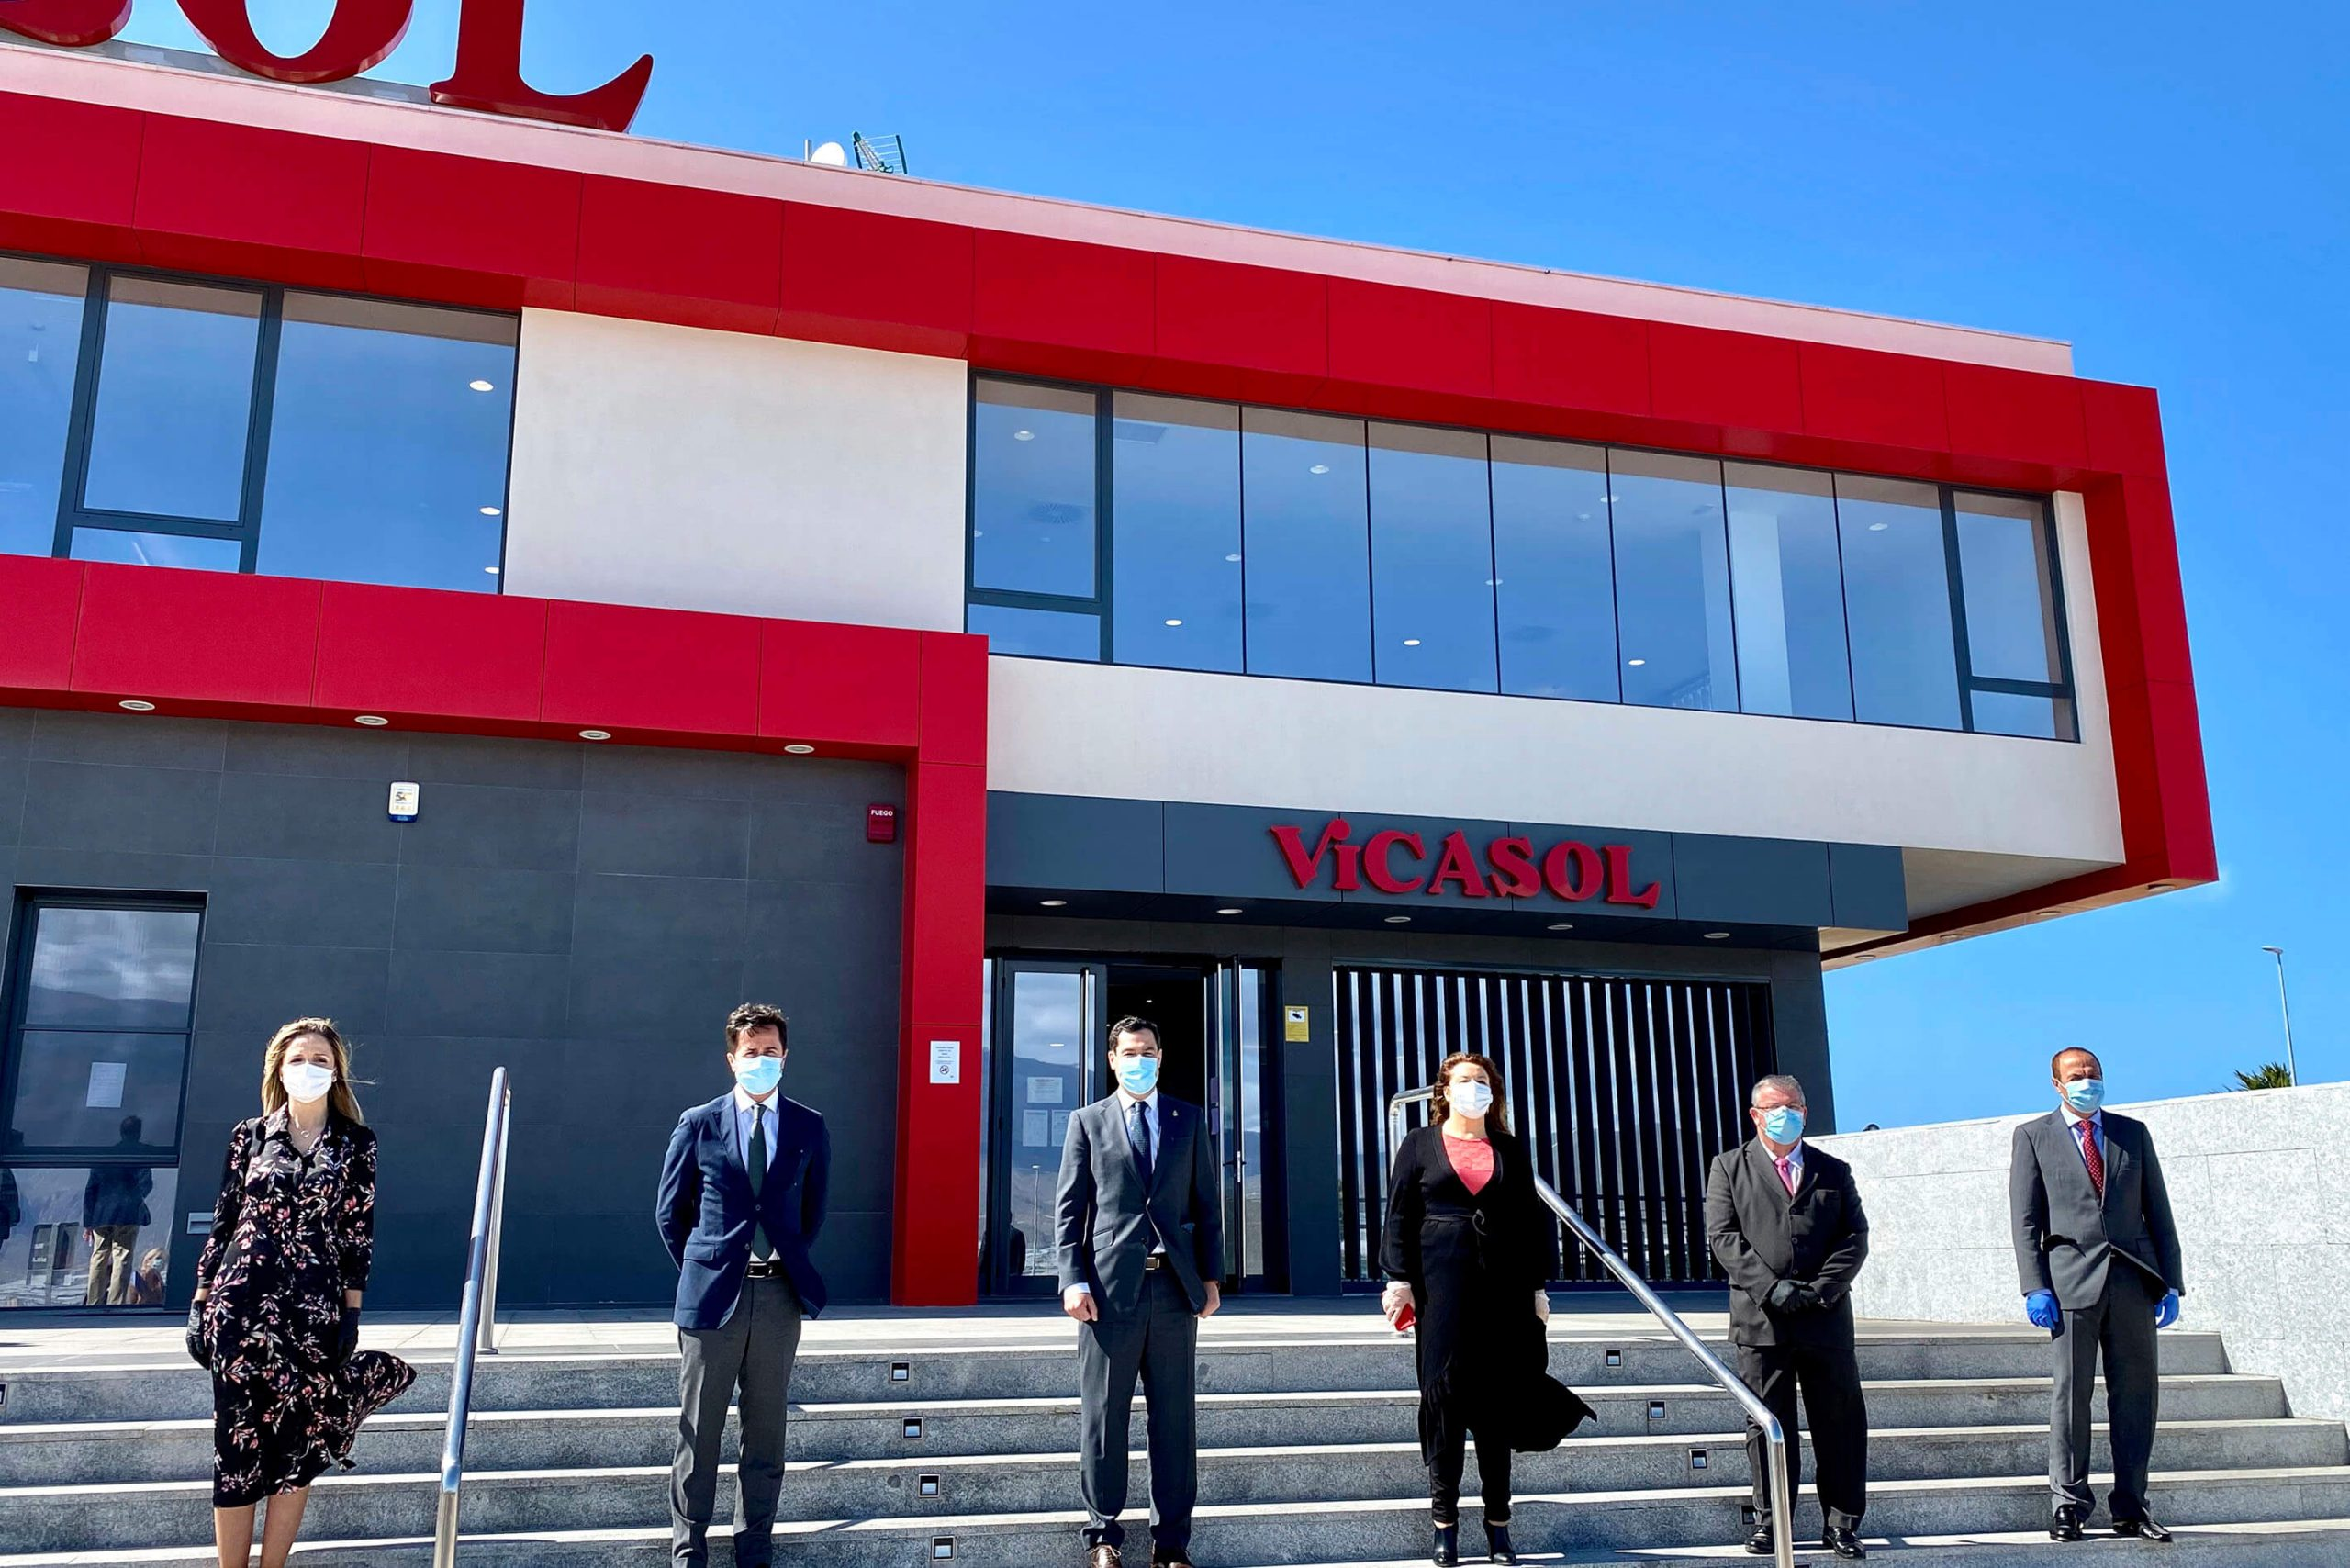 Vicasol recibe la visita del presidente de la Junta de Andalucía para conocer la nueva sede en El Ejido